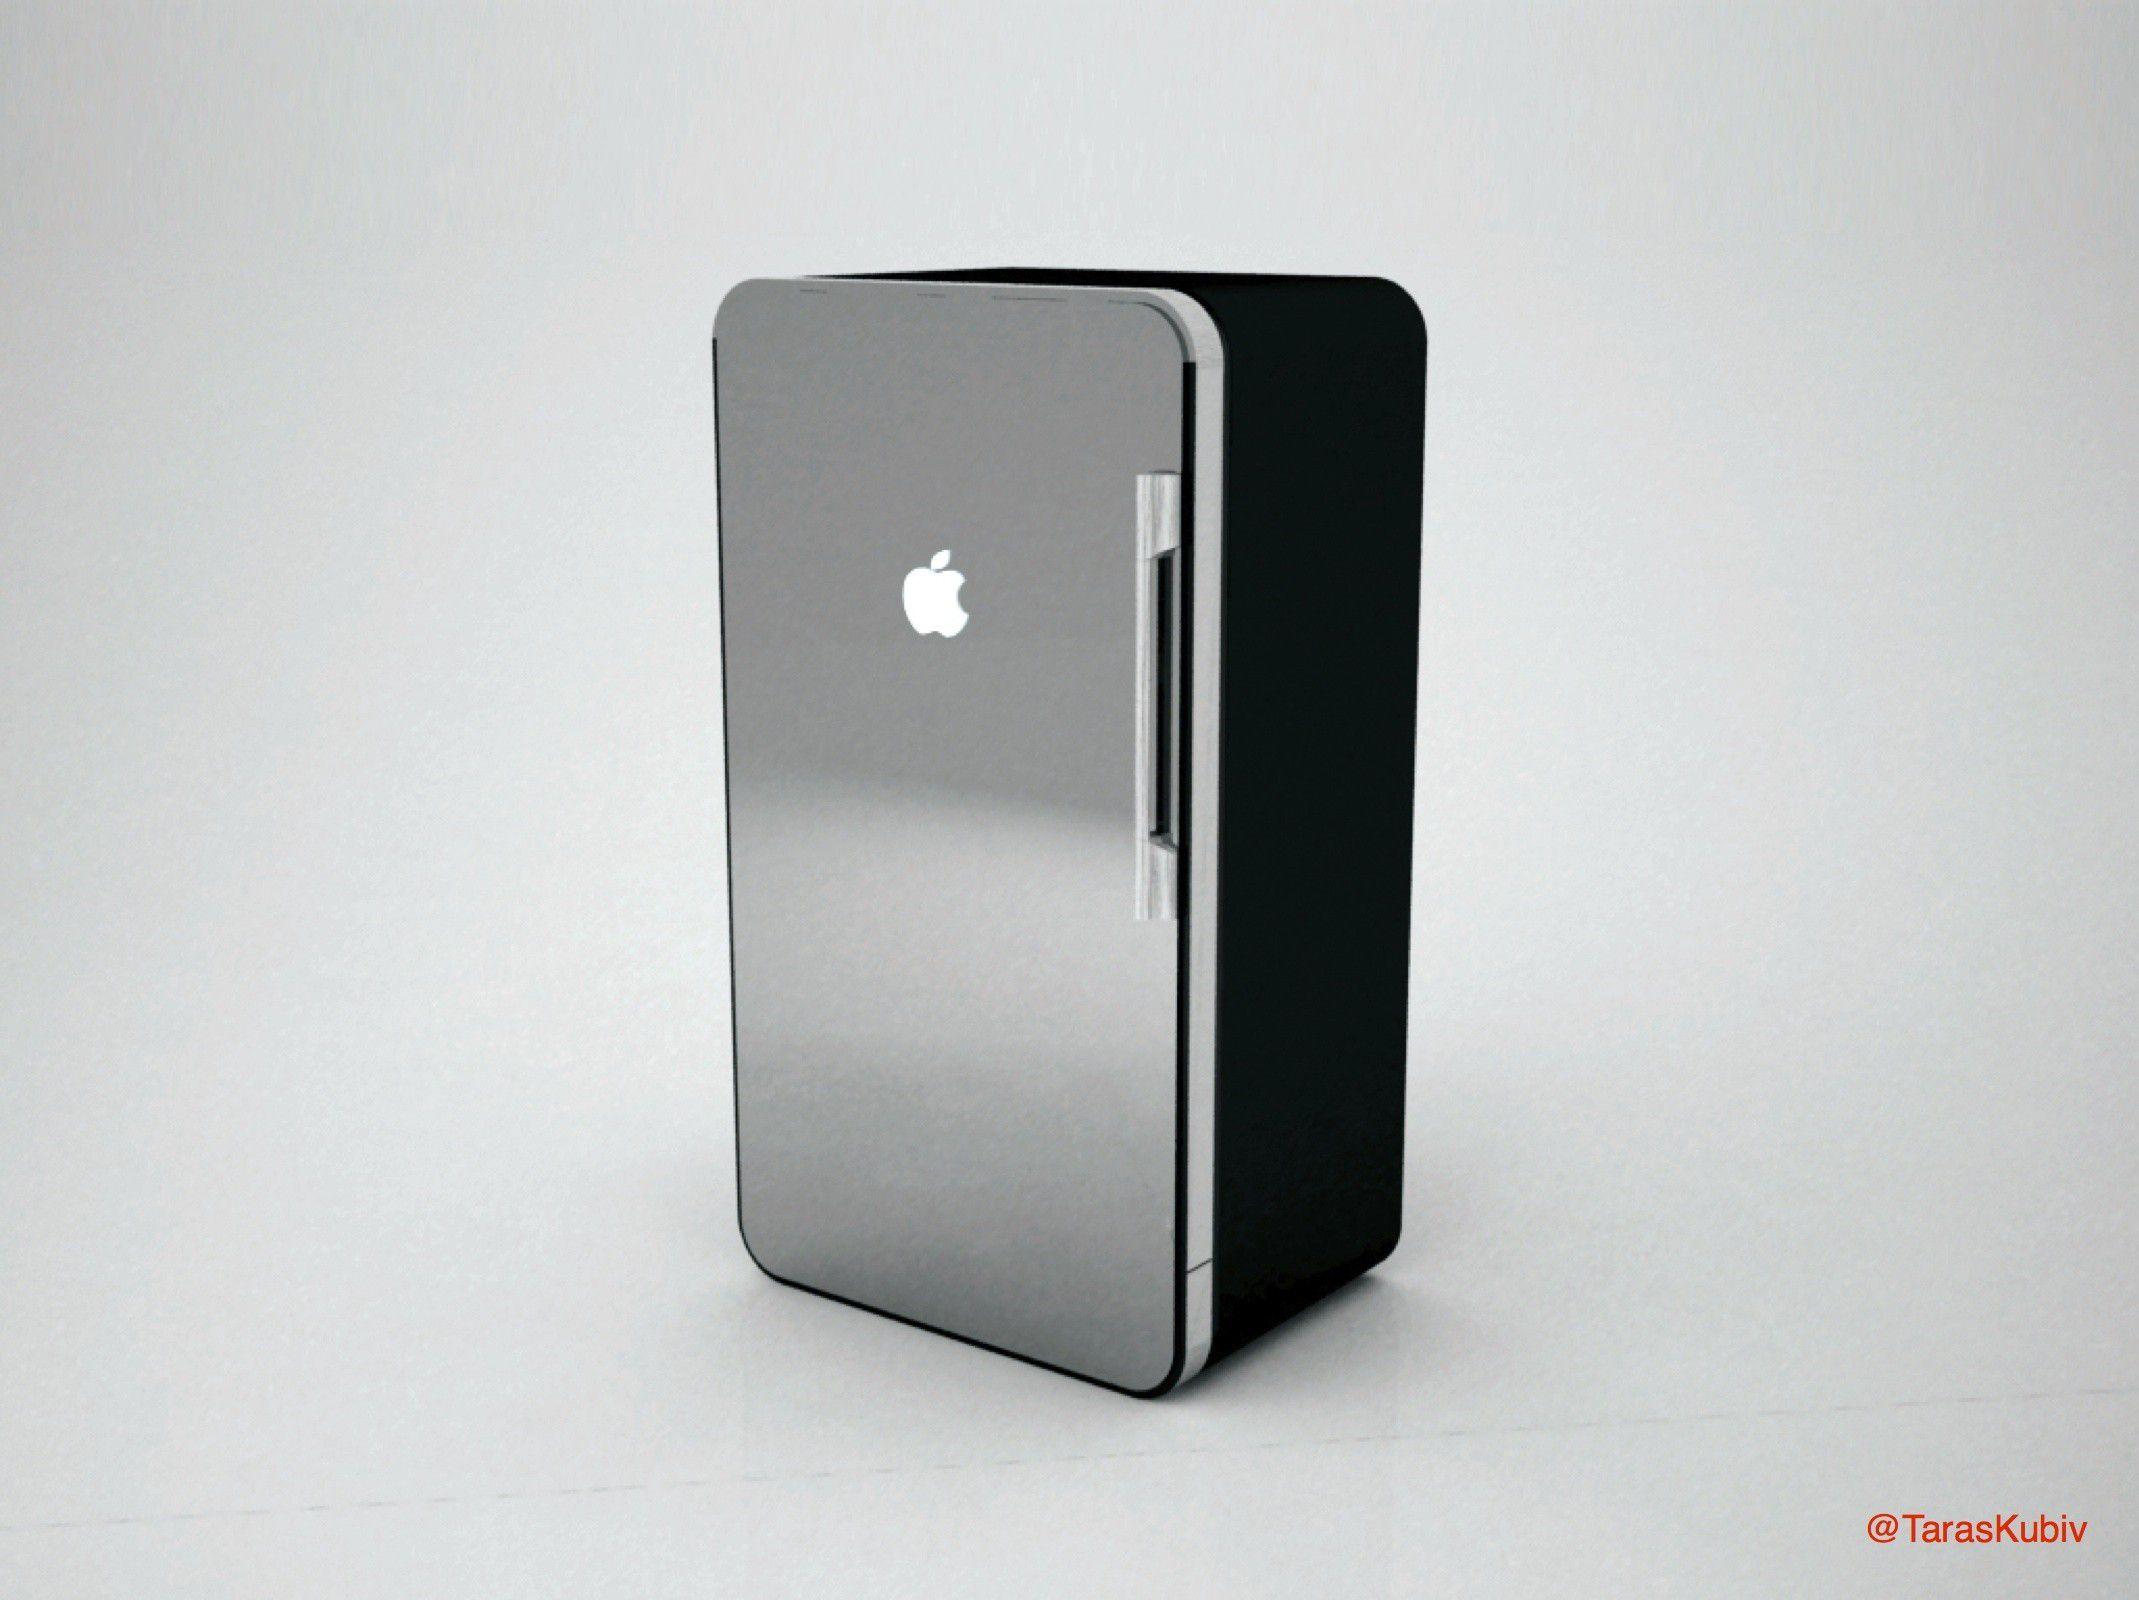 Wer Hat Den Kühlschrank Erfunden ifridge apple steigt in das geschäft mit haushaltsgeräten ein macwelt